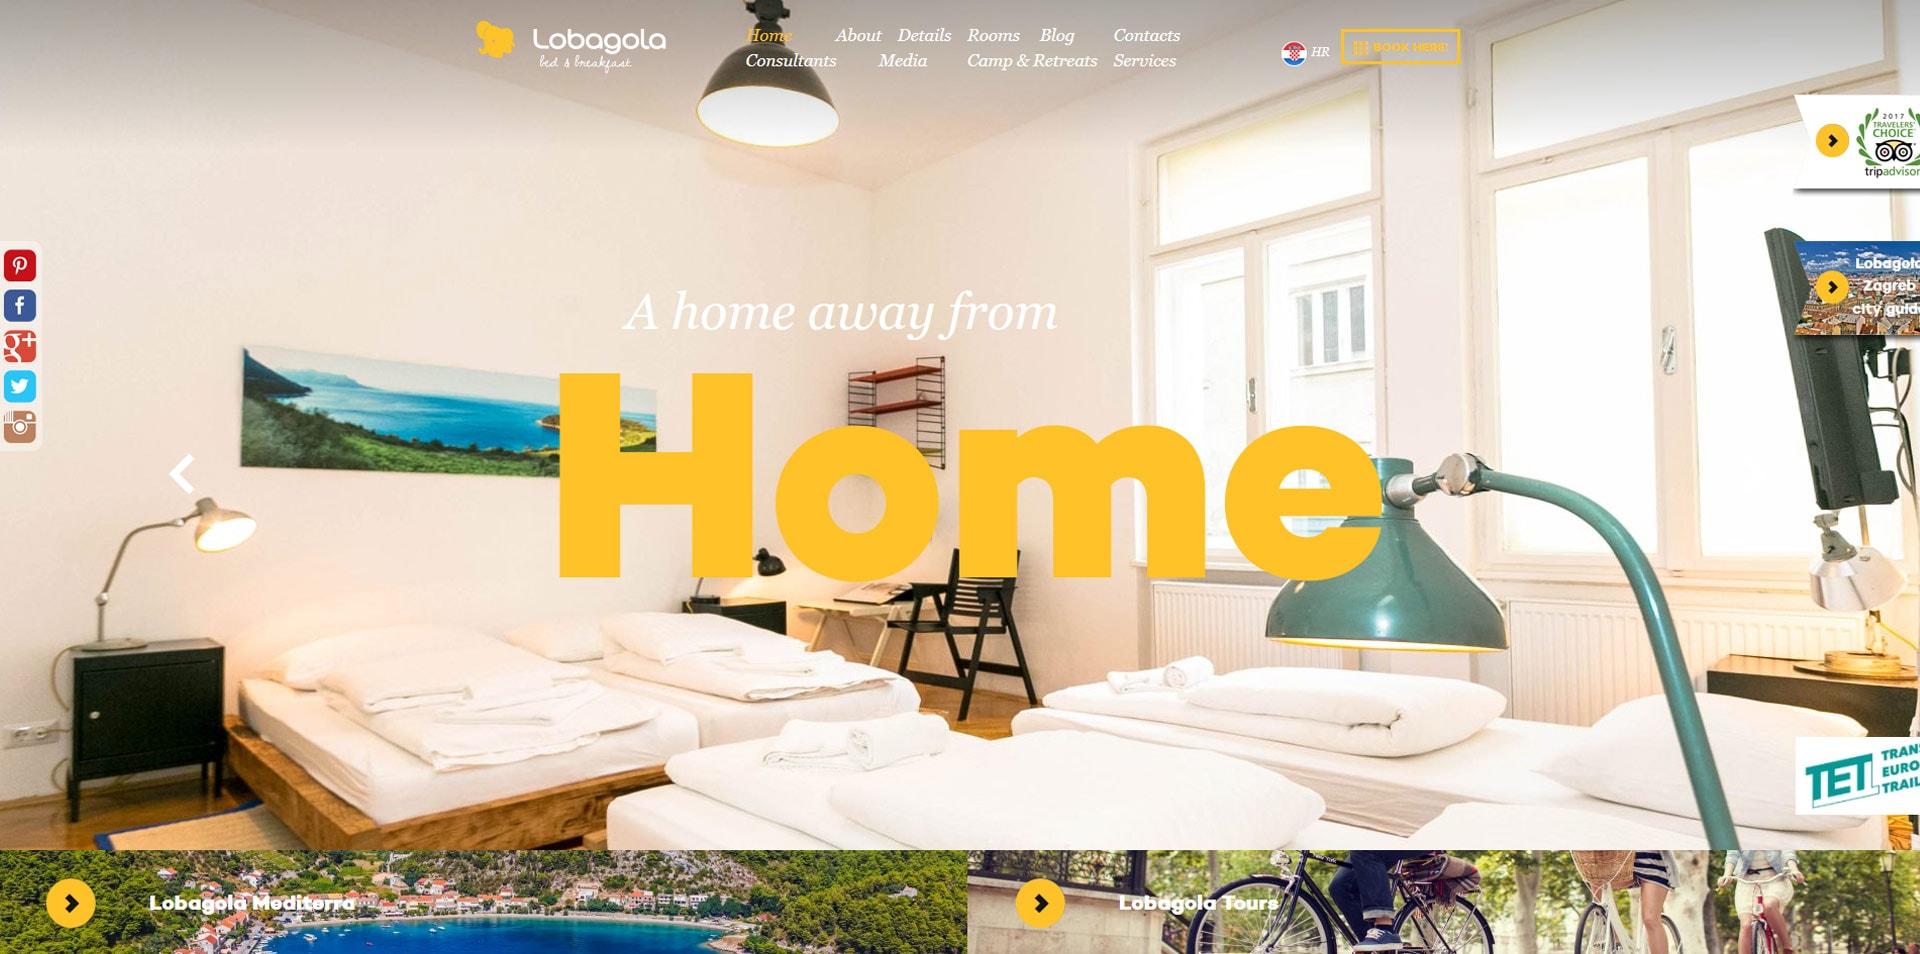 projektowanie stron www inspiracje lobagola 1 - Projektowanie stron www – inspiracje dla biznesu. Czerwiec 2020